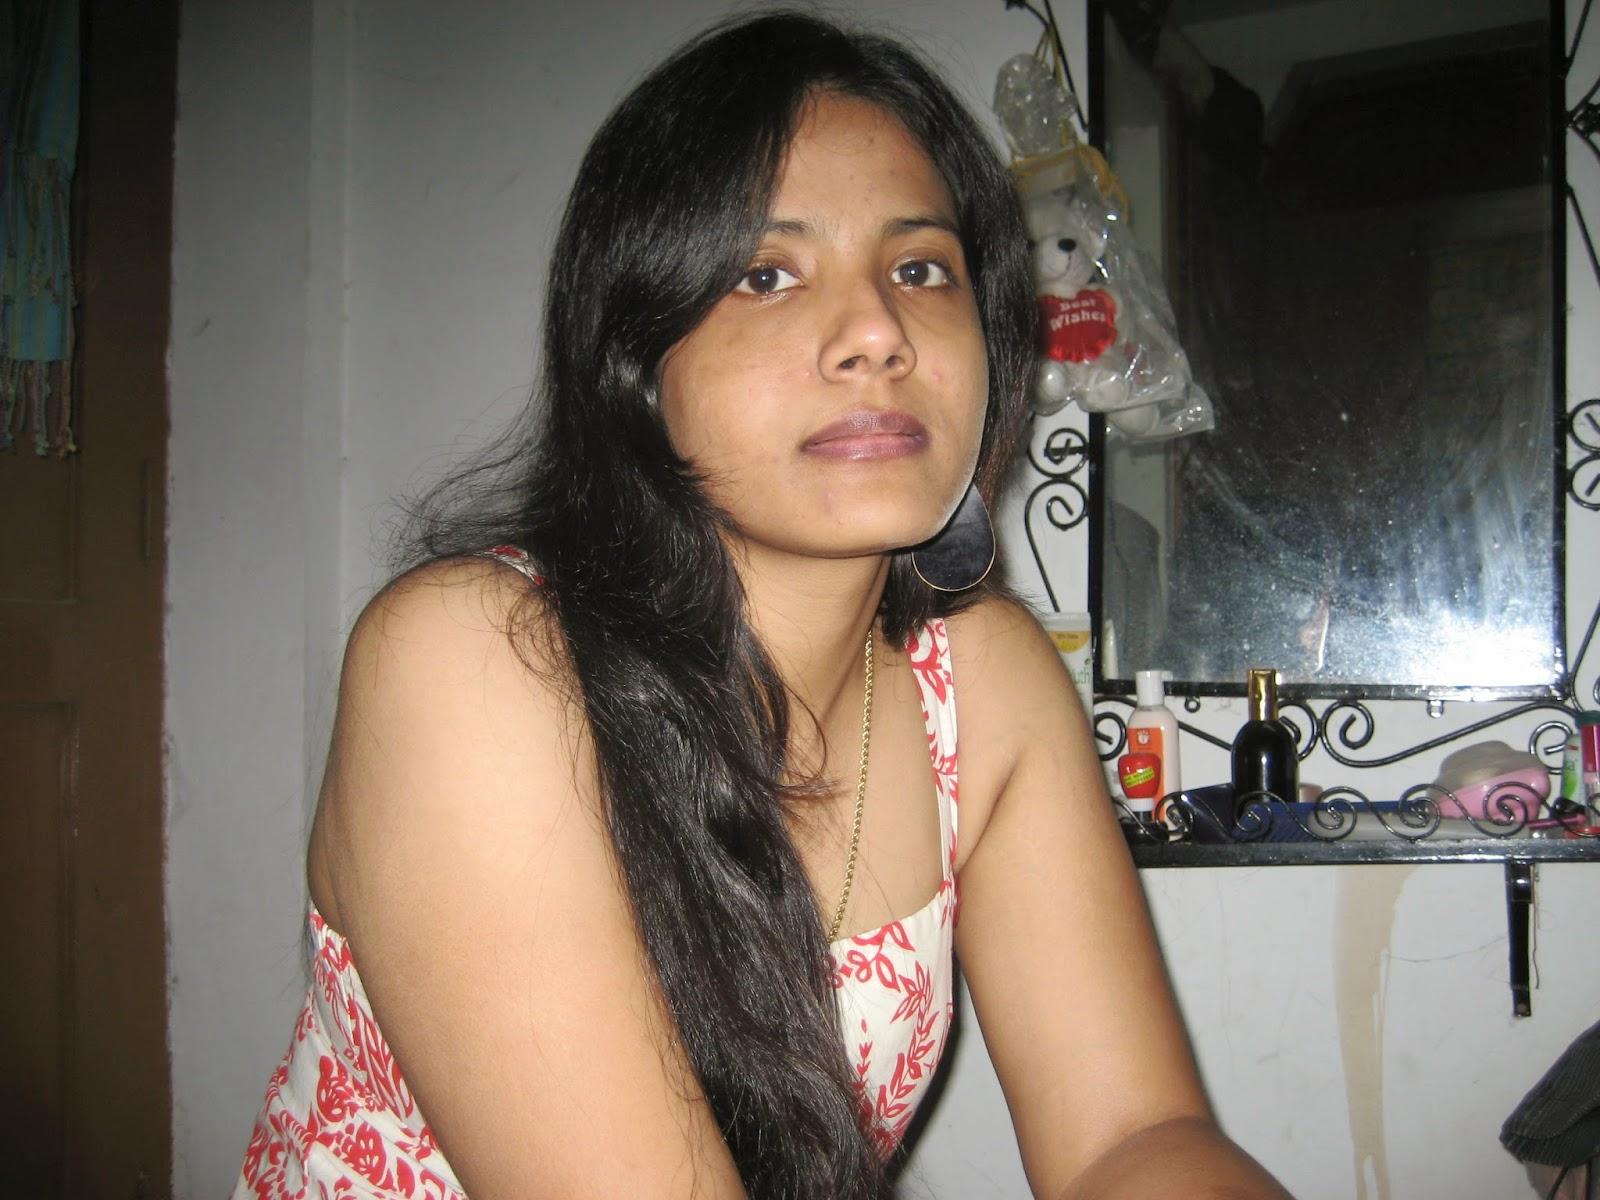 Hot Desi Housewife Hd Beautiful Photos - Beautiful Desi Sexy Girls Hot Videos Cute Pretty Photos-5586